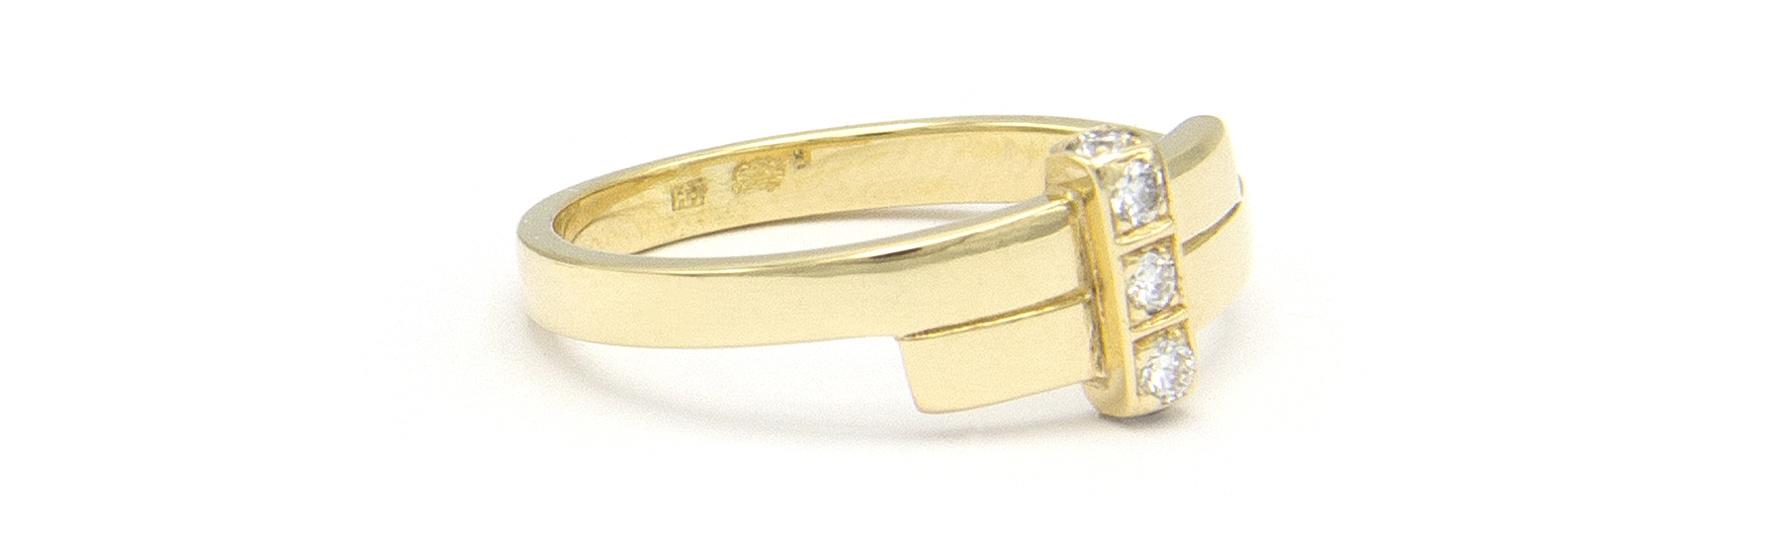 Geelgouden ring met 5 diamanten - Mondria-4